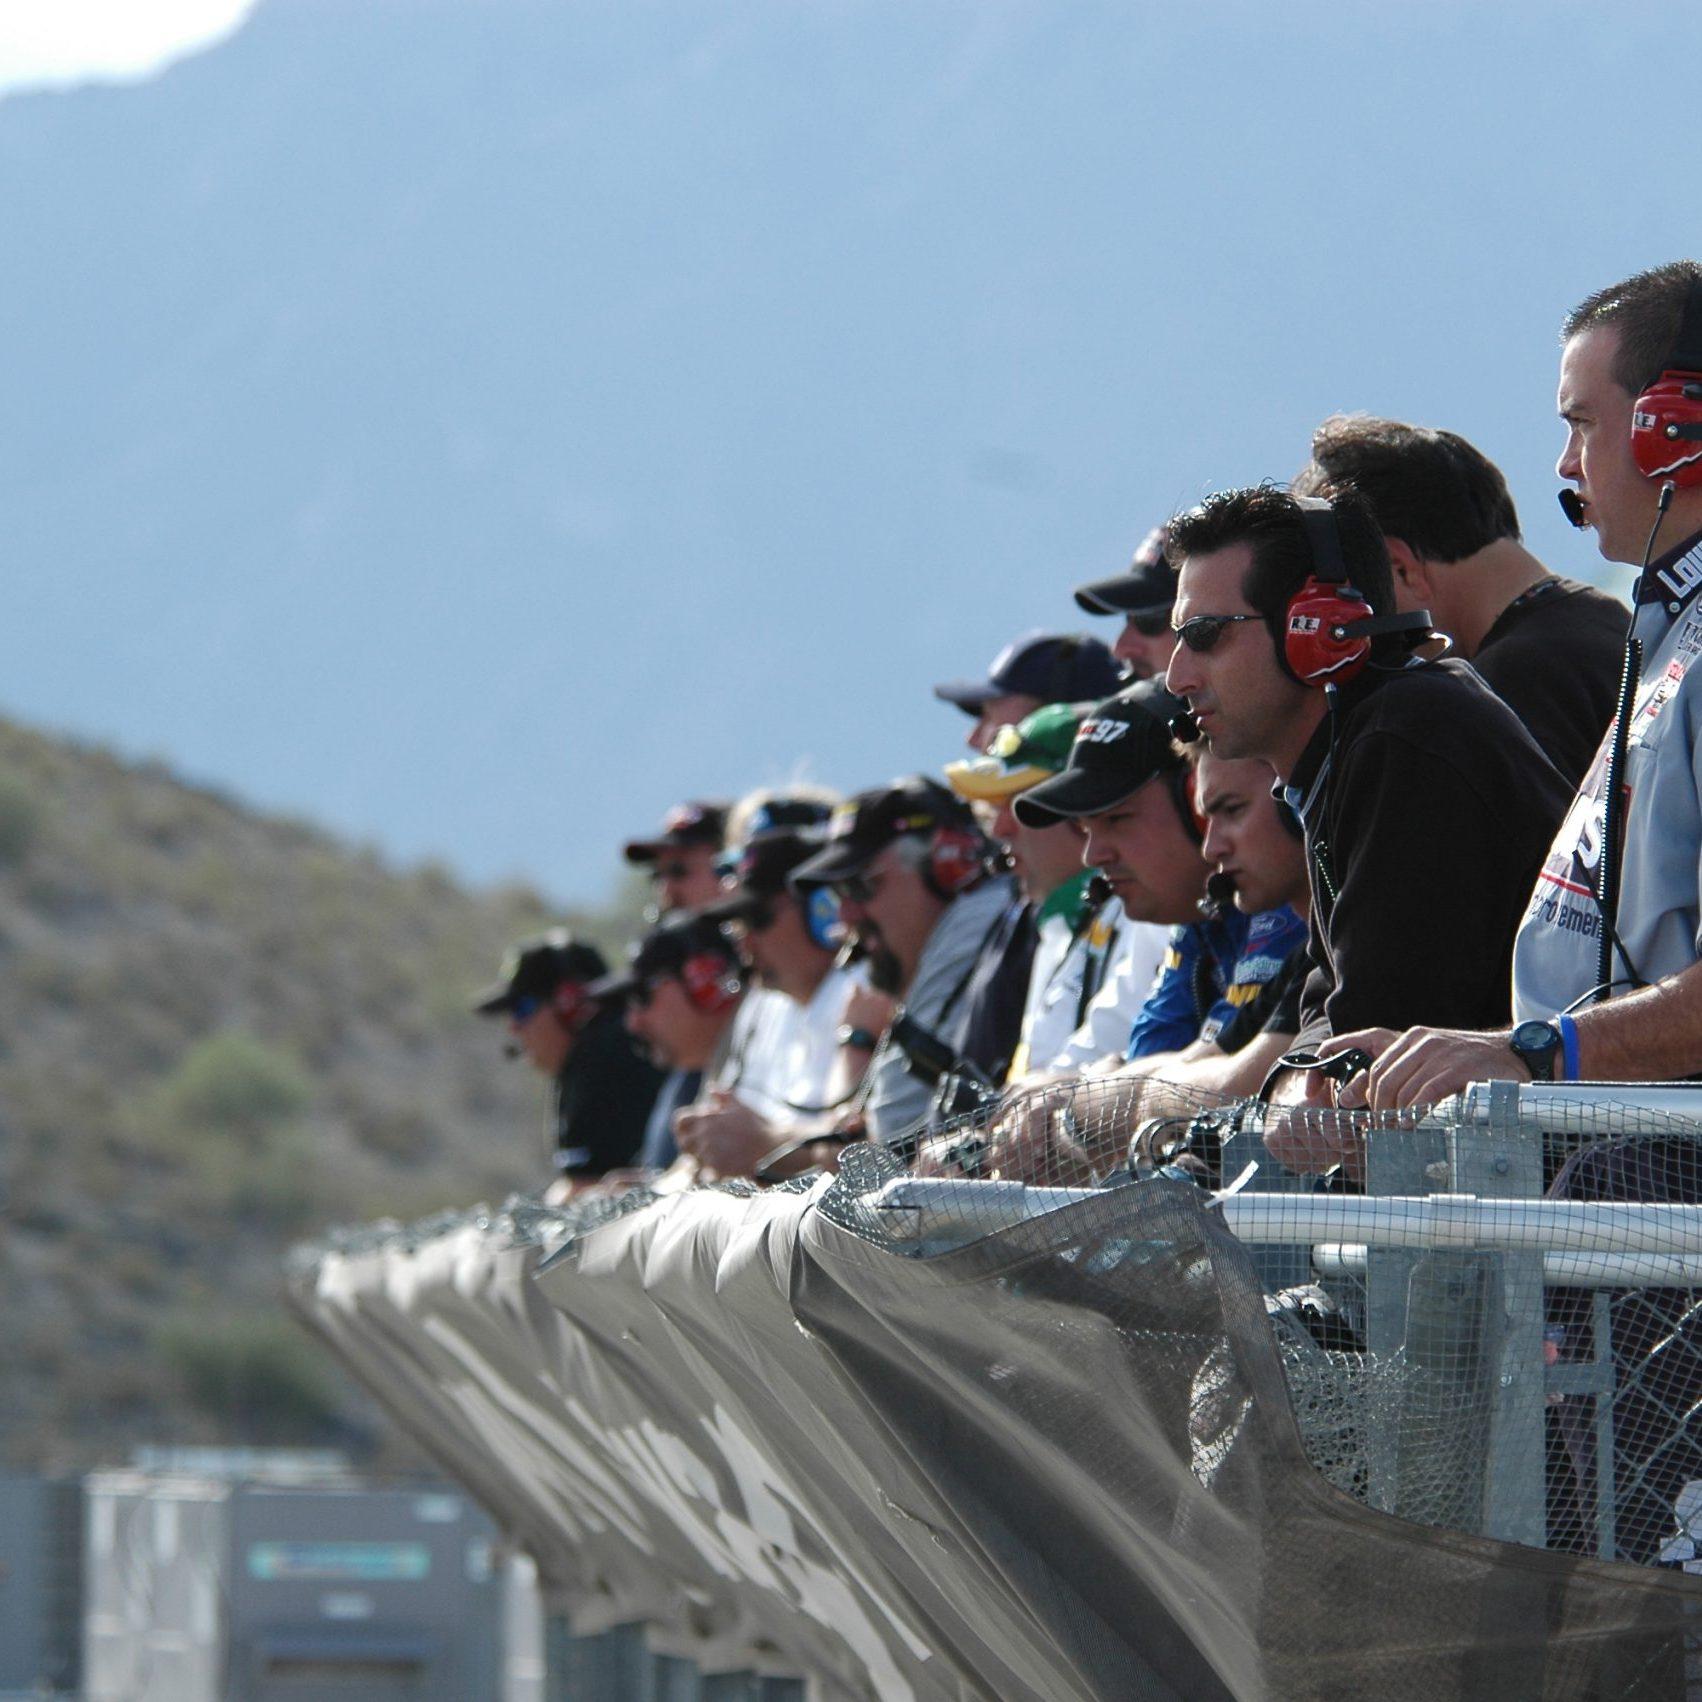 NASCAR_spotters_photo_D_Ramey_Logan